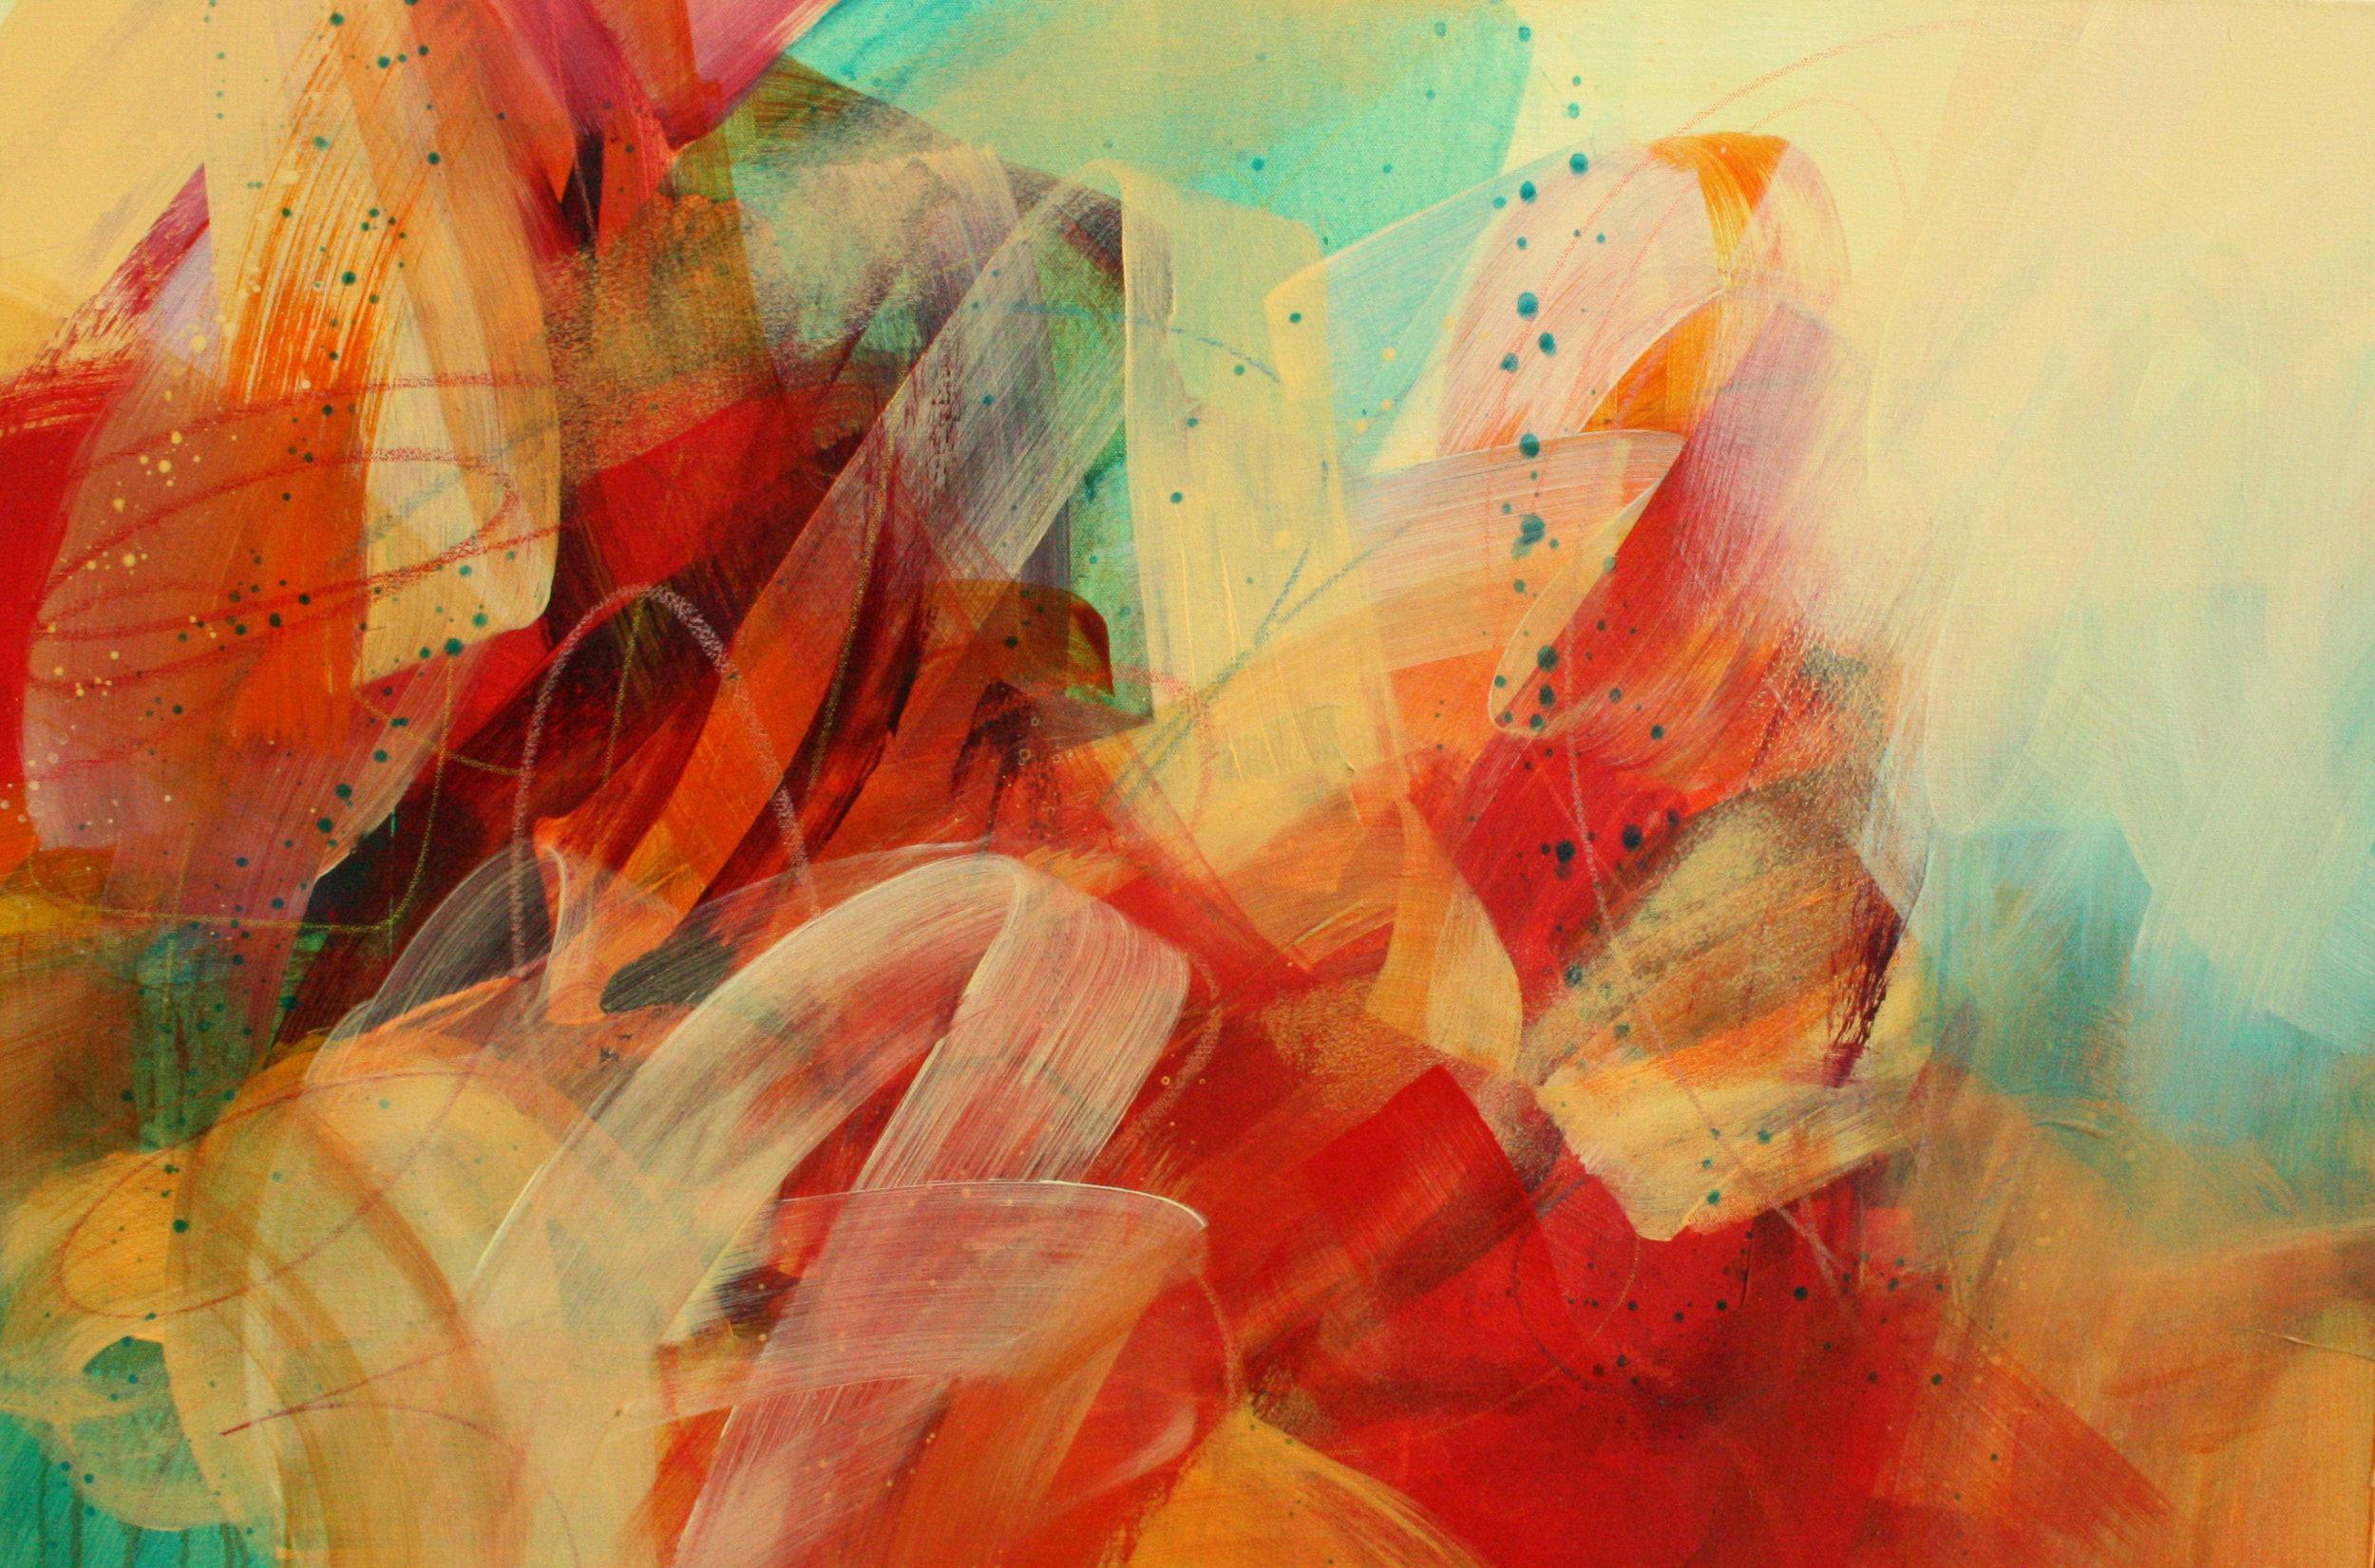 Whimzeedoodle, 24x36, acrylic on canvas